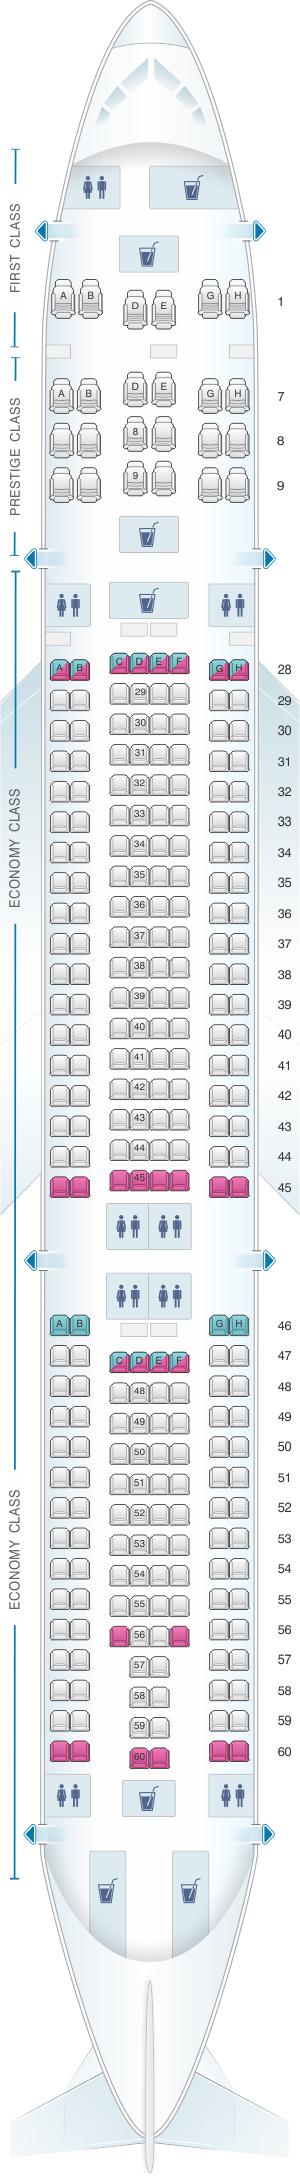 Seat map for Korean Air Airbus A330 300 276PAX